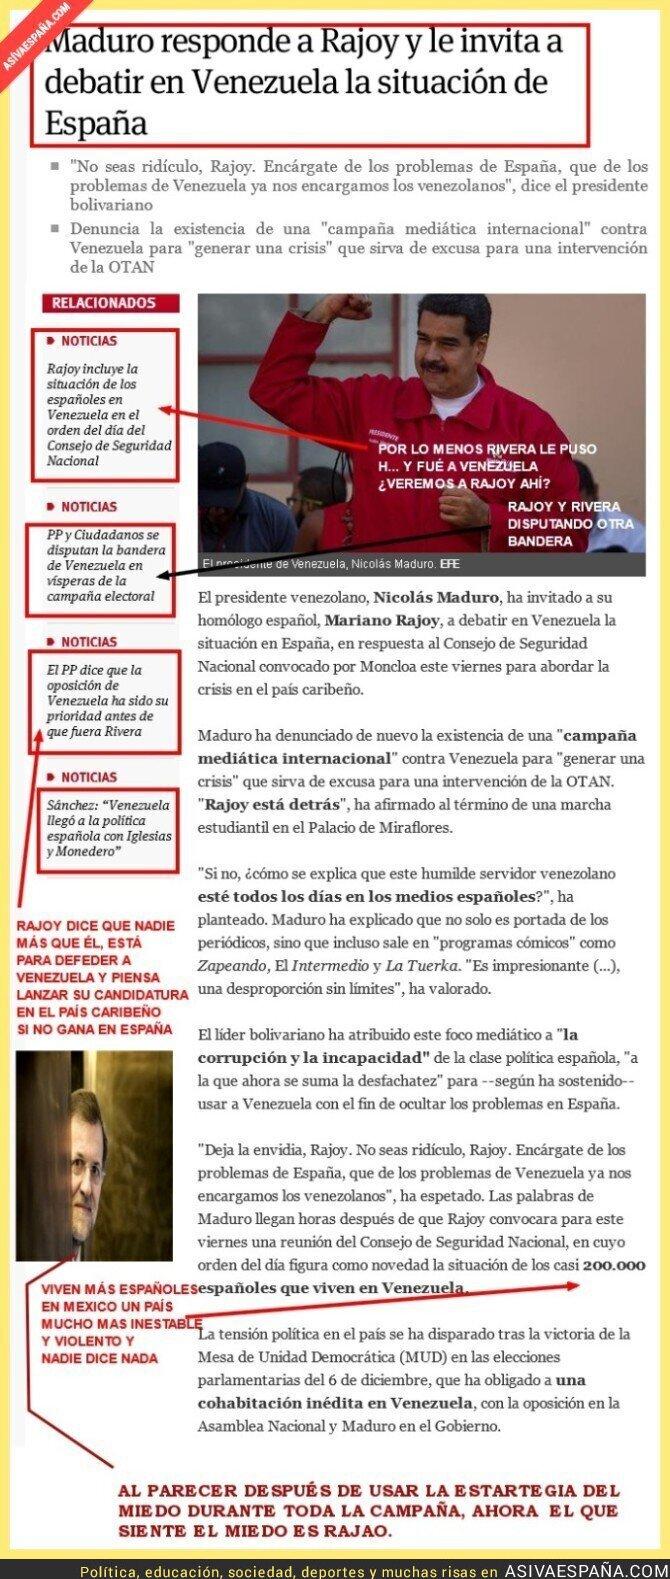 42974 - ¿Aceptará Rajoy la invitación, ya que tanto le preocupa Venezuela?